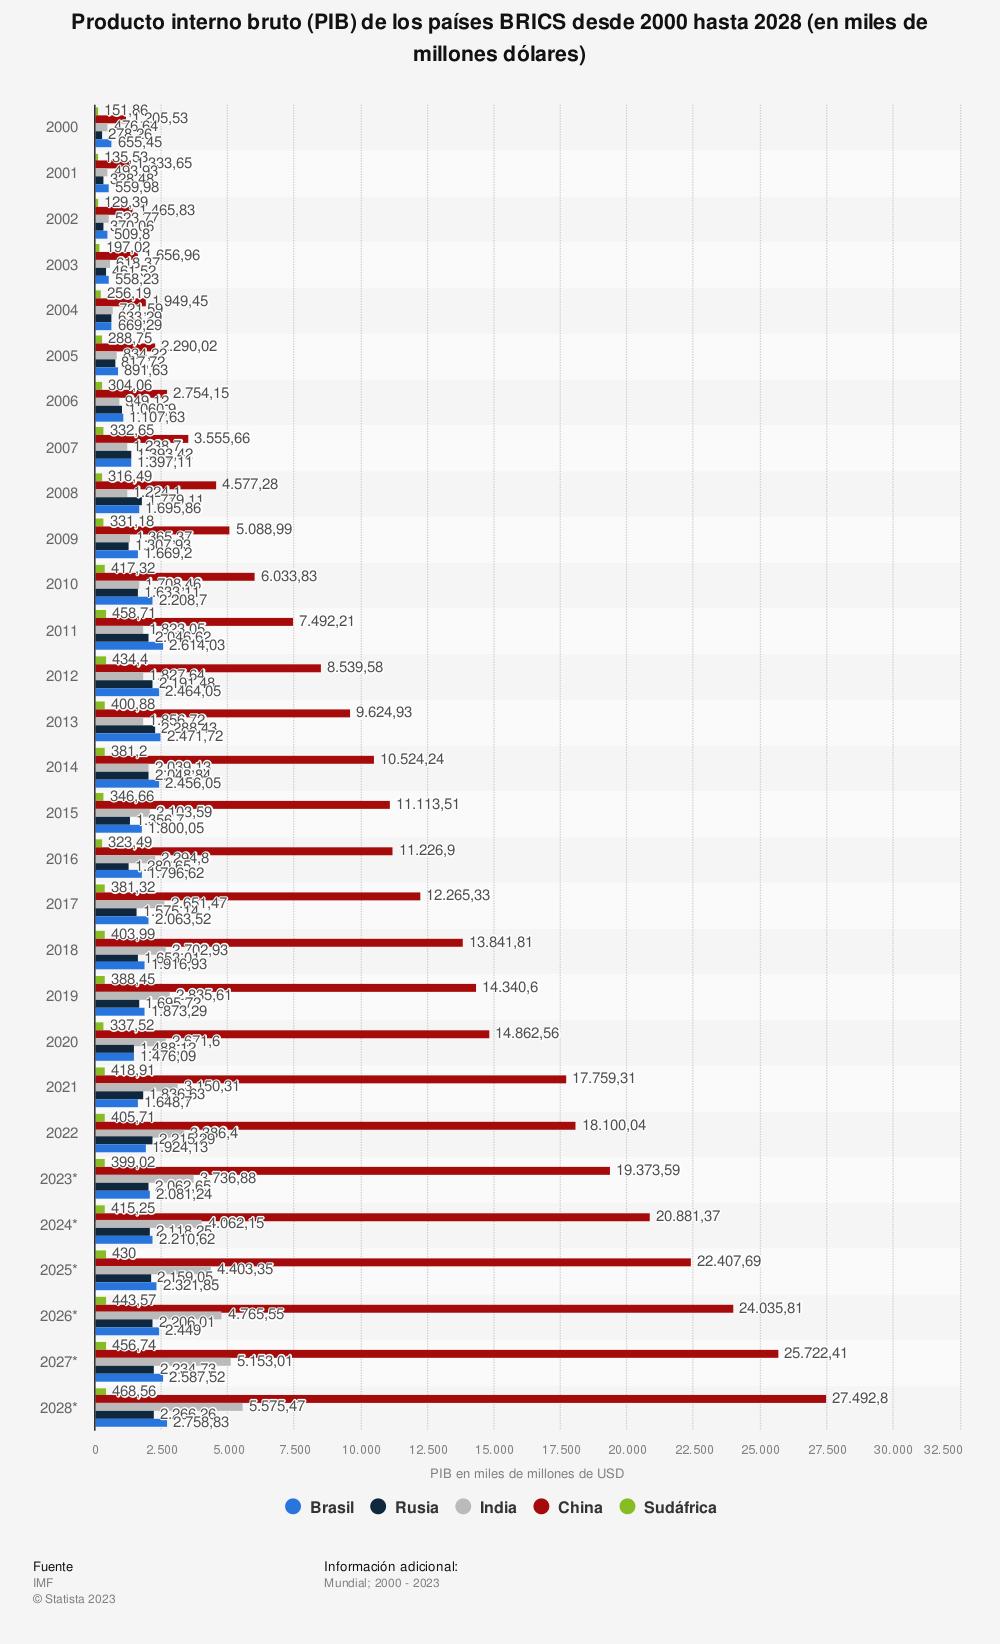 Estadística: Producto interno bruto (PIB) de los países BRIC desde 2010 hasta 2020 (en miles de millones de USD) | Statista